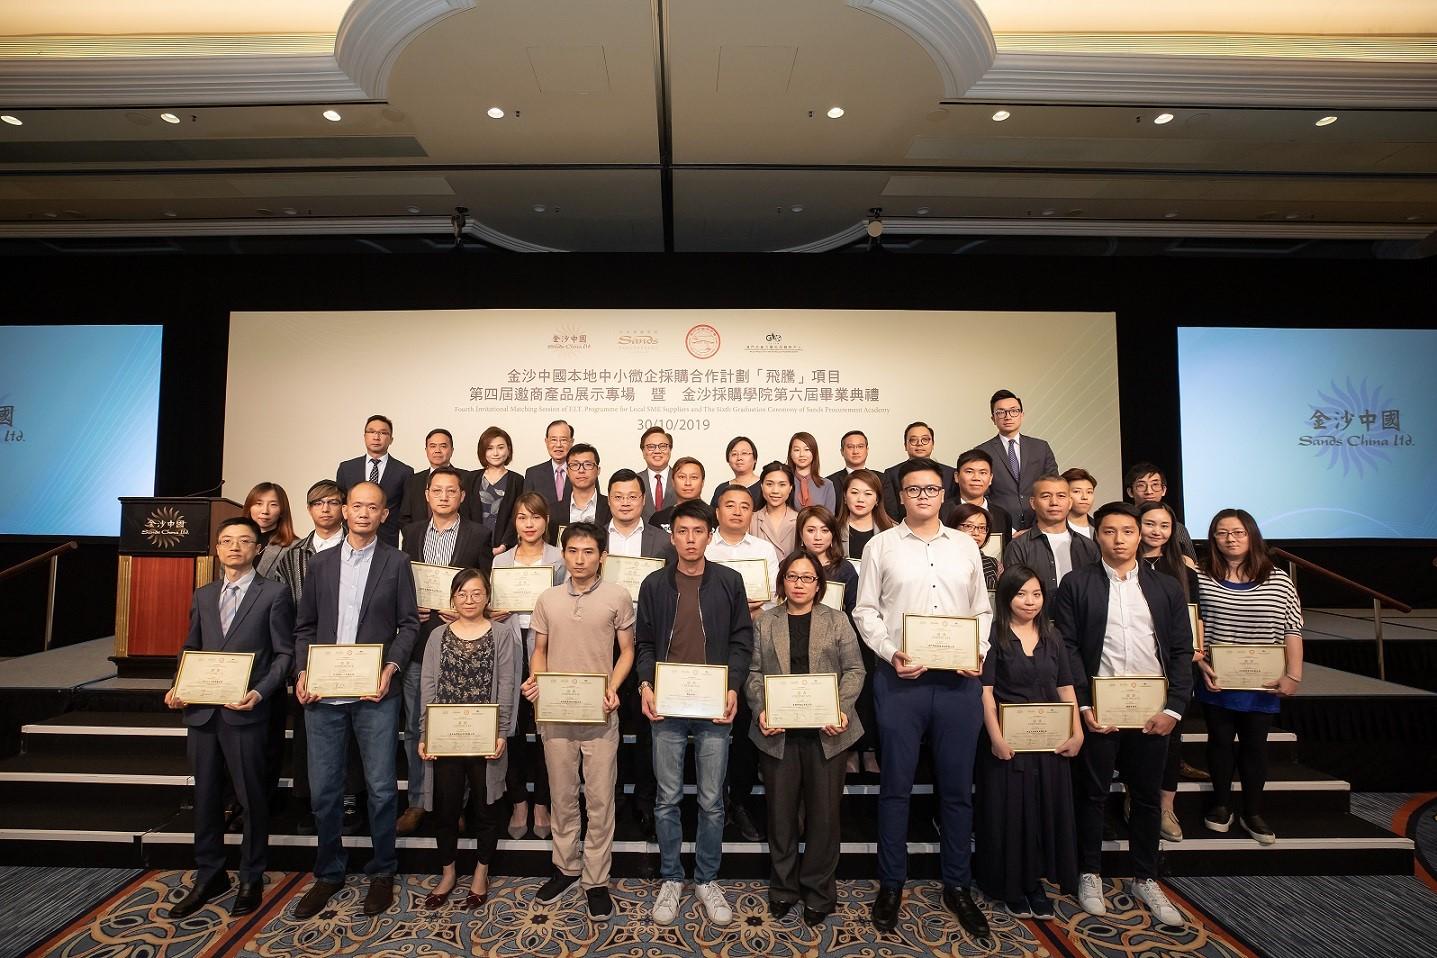 足彩网中国公平采购原则